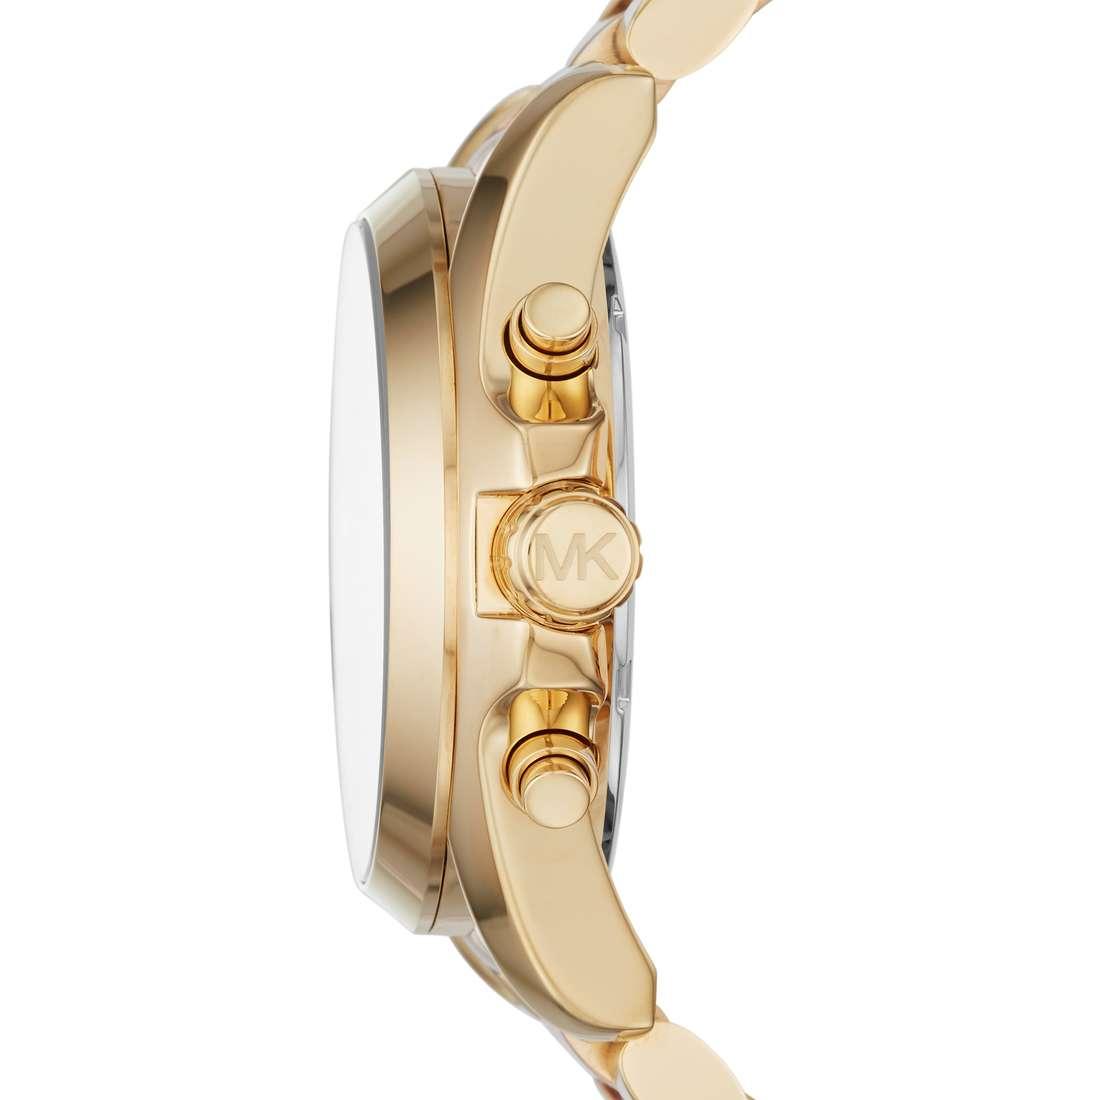 montre chronographe femme Michael Kors MK6359